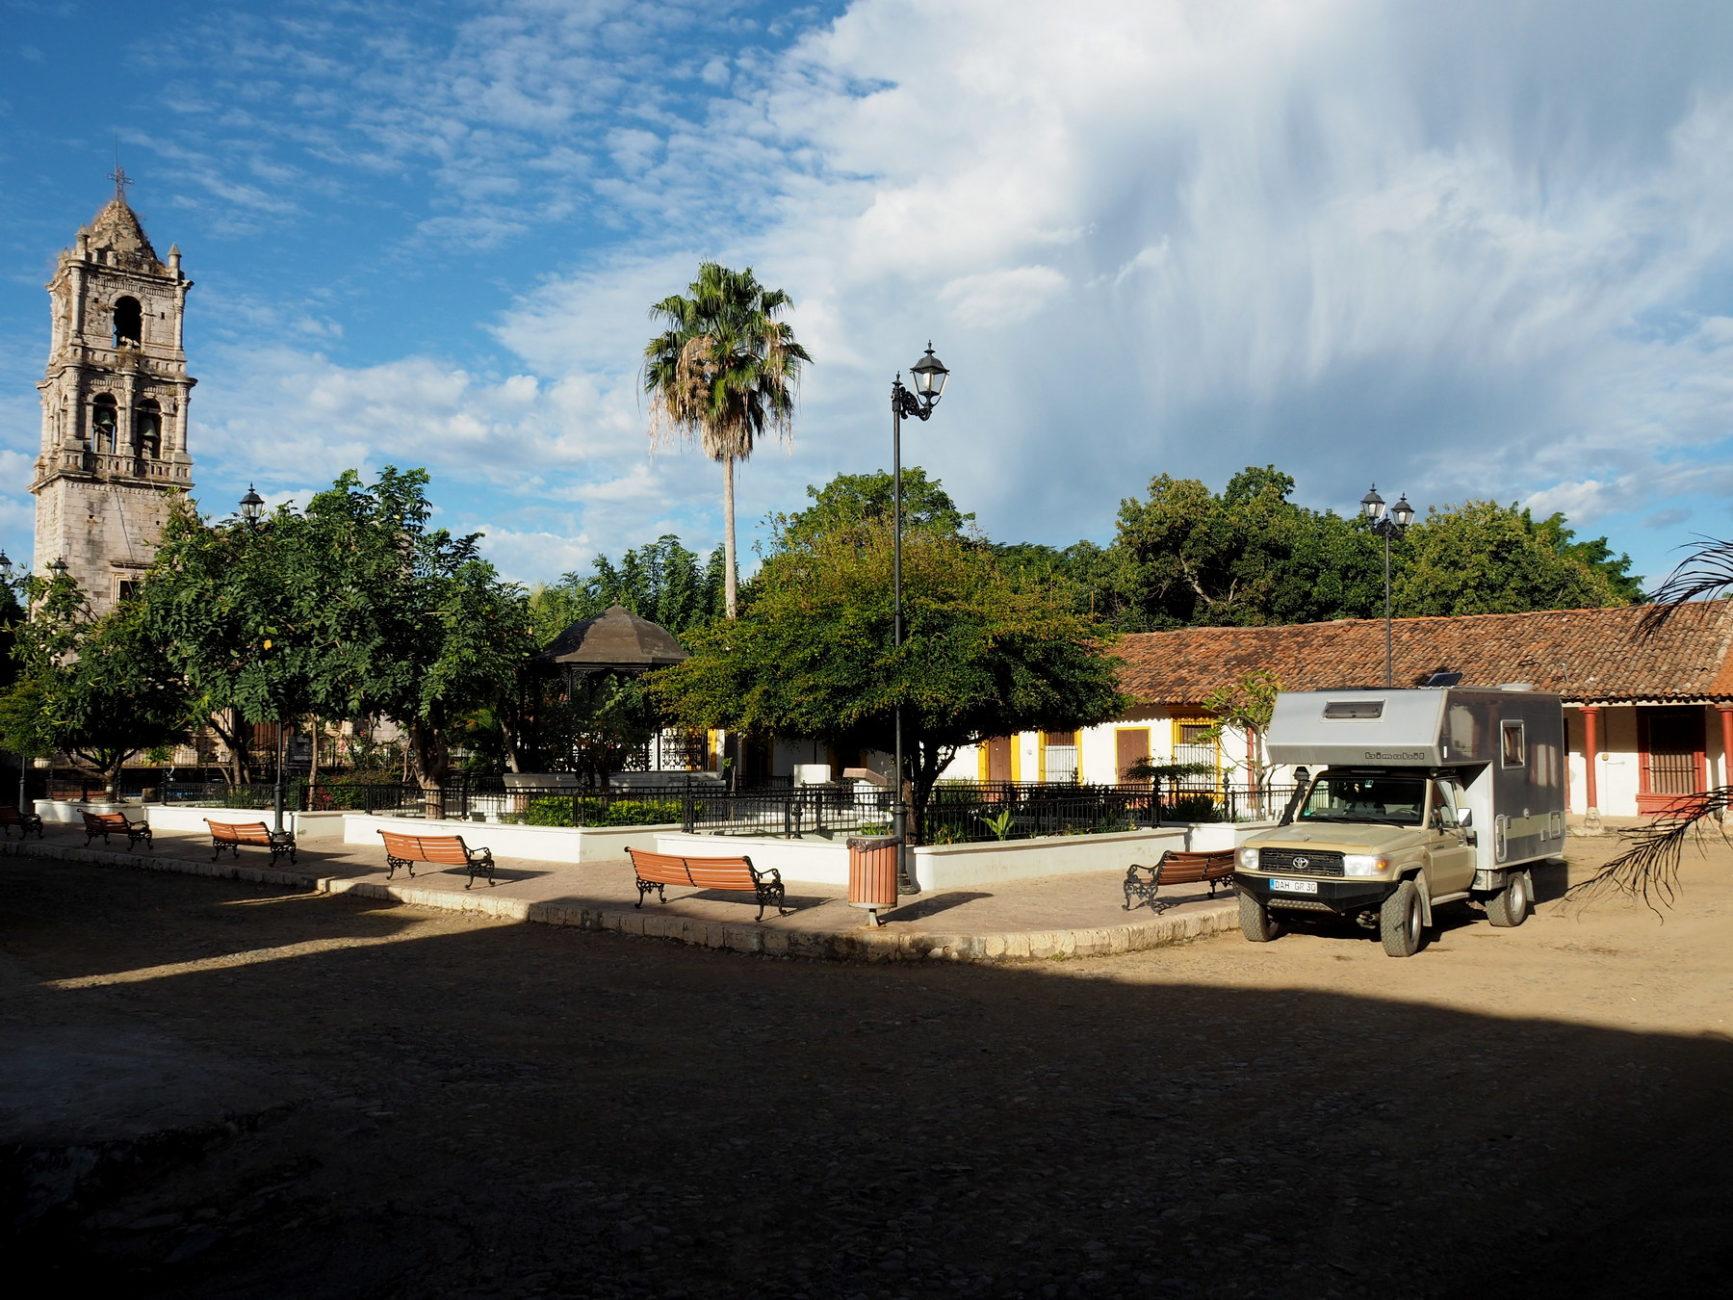 Übernachtung im Dorfzentrum, der Kirchturm ist einsturzgefährdet